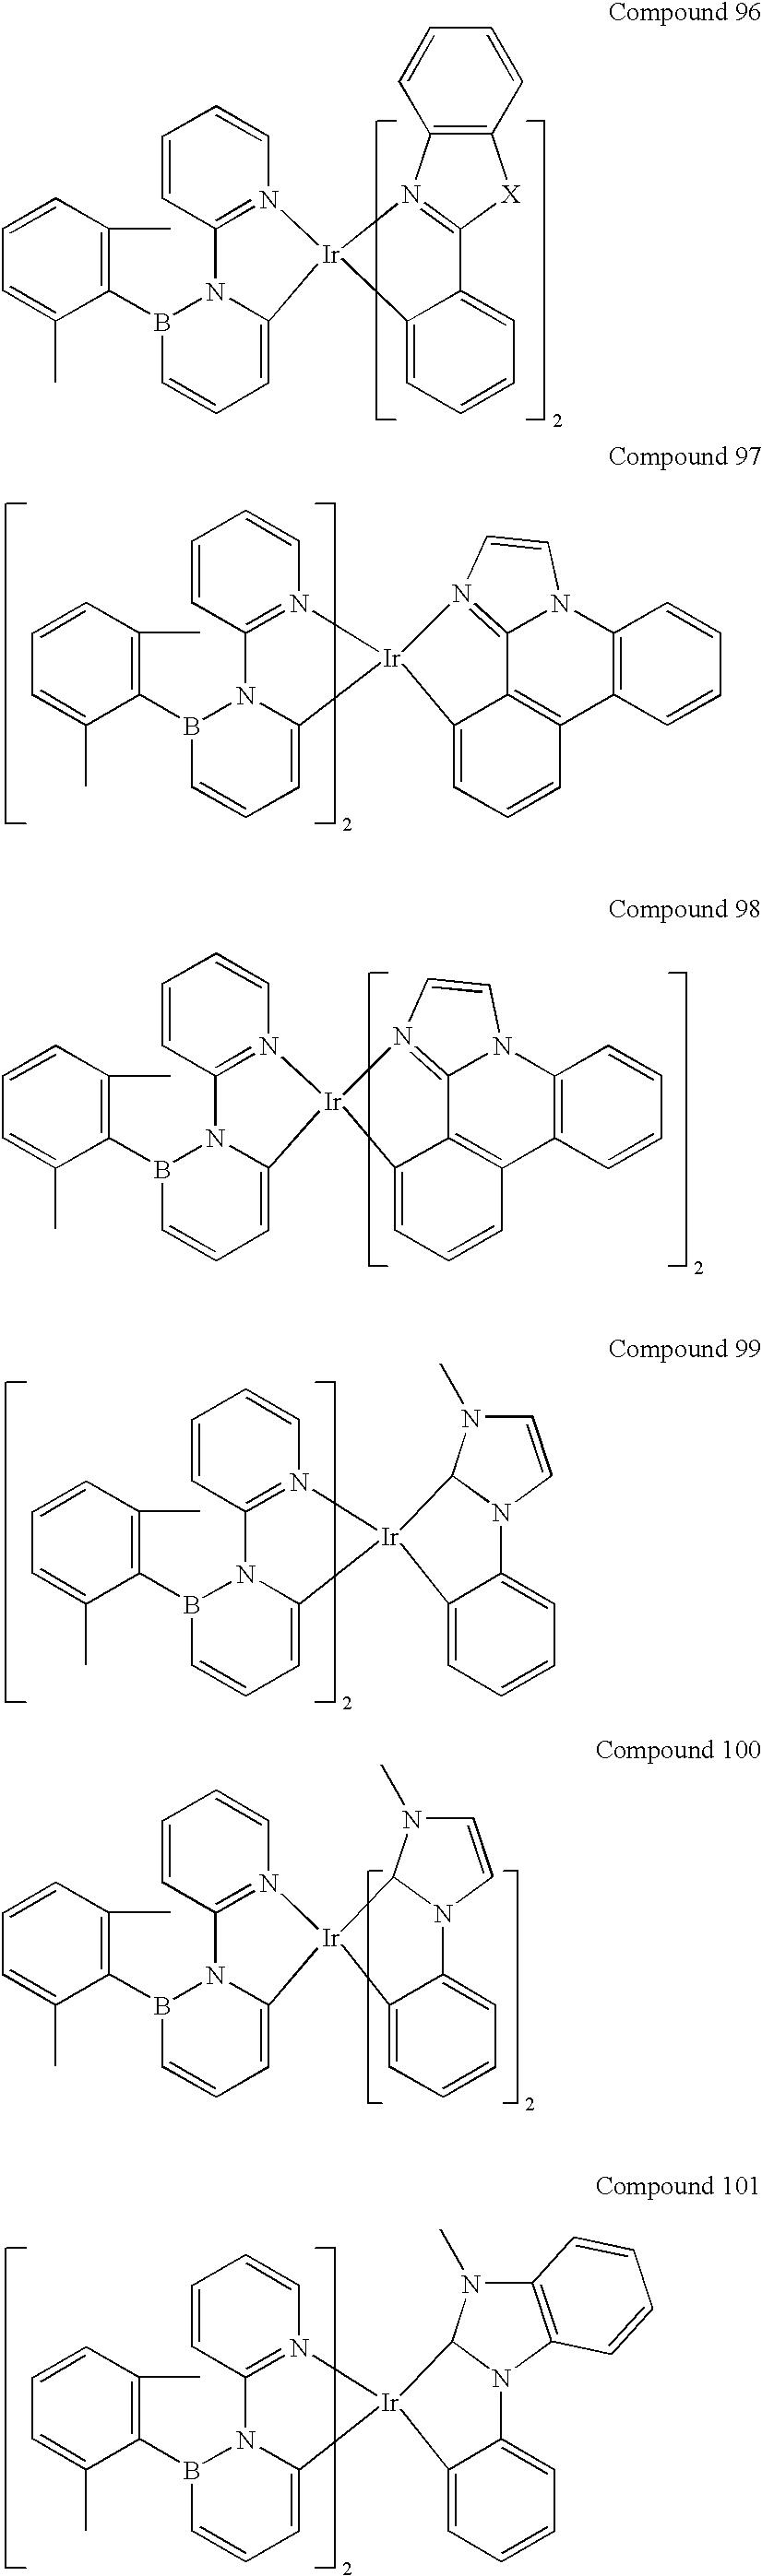 Figure US08586203-20131119-C00070